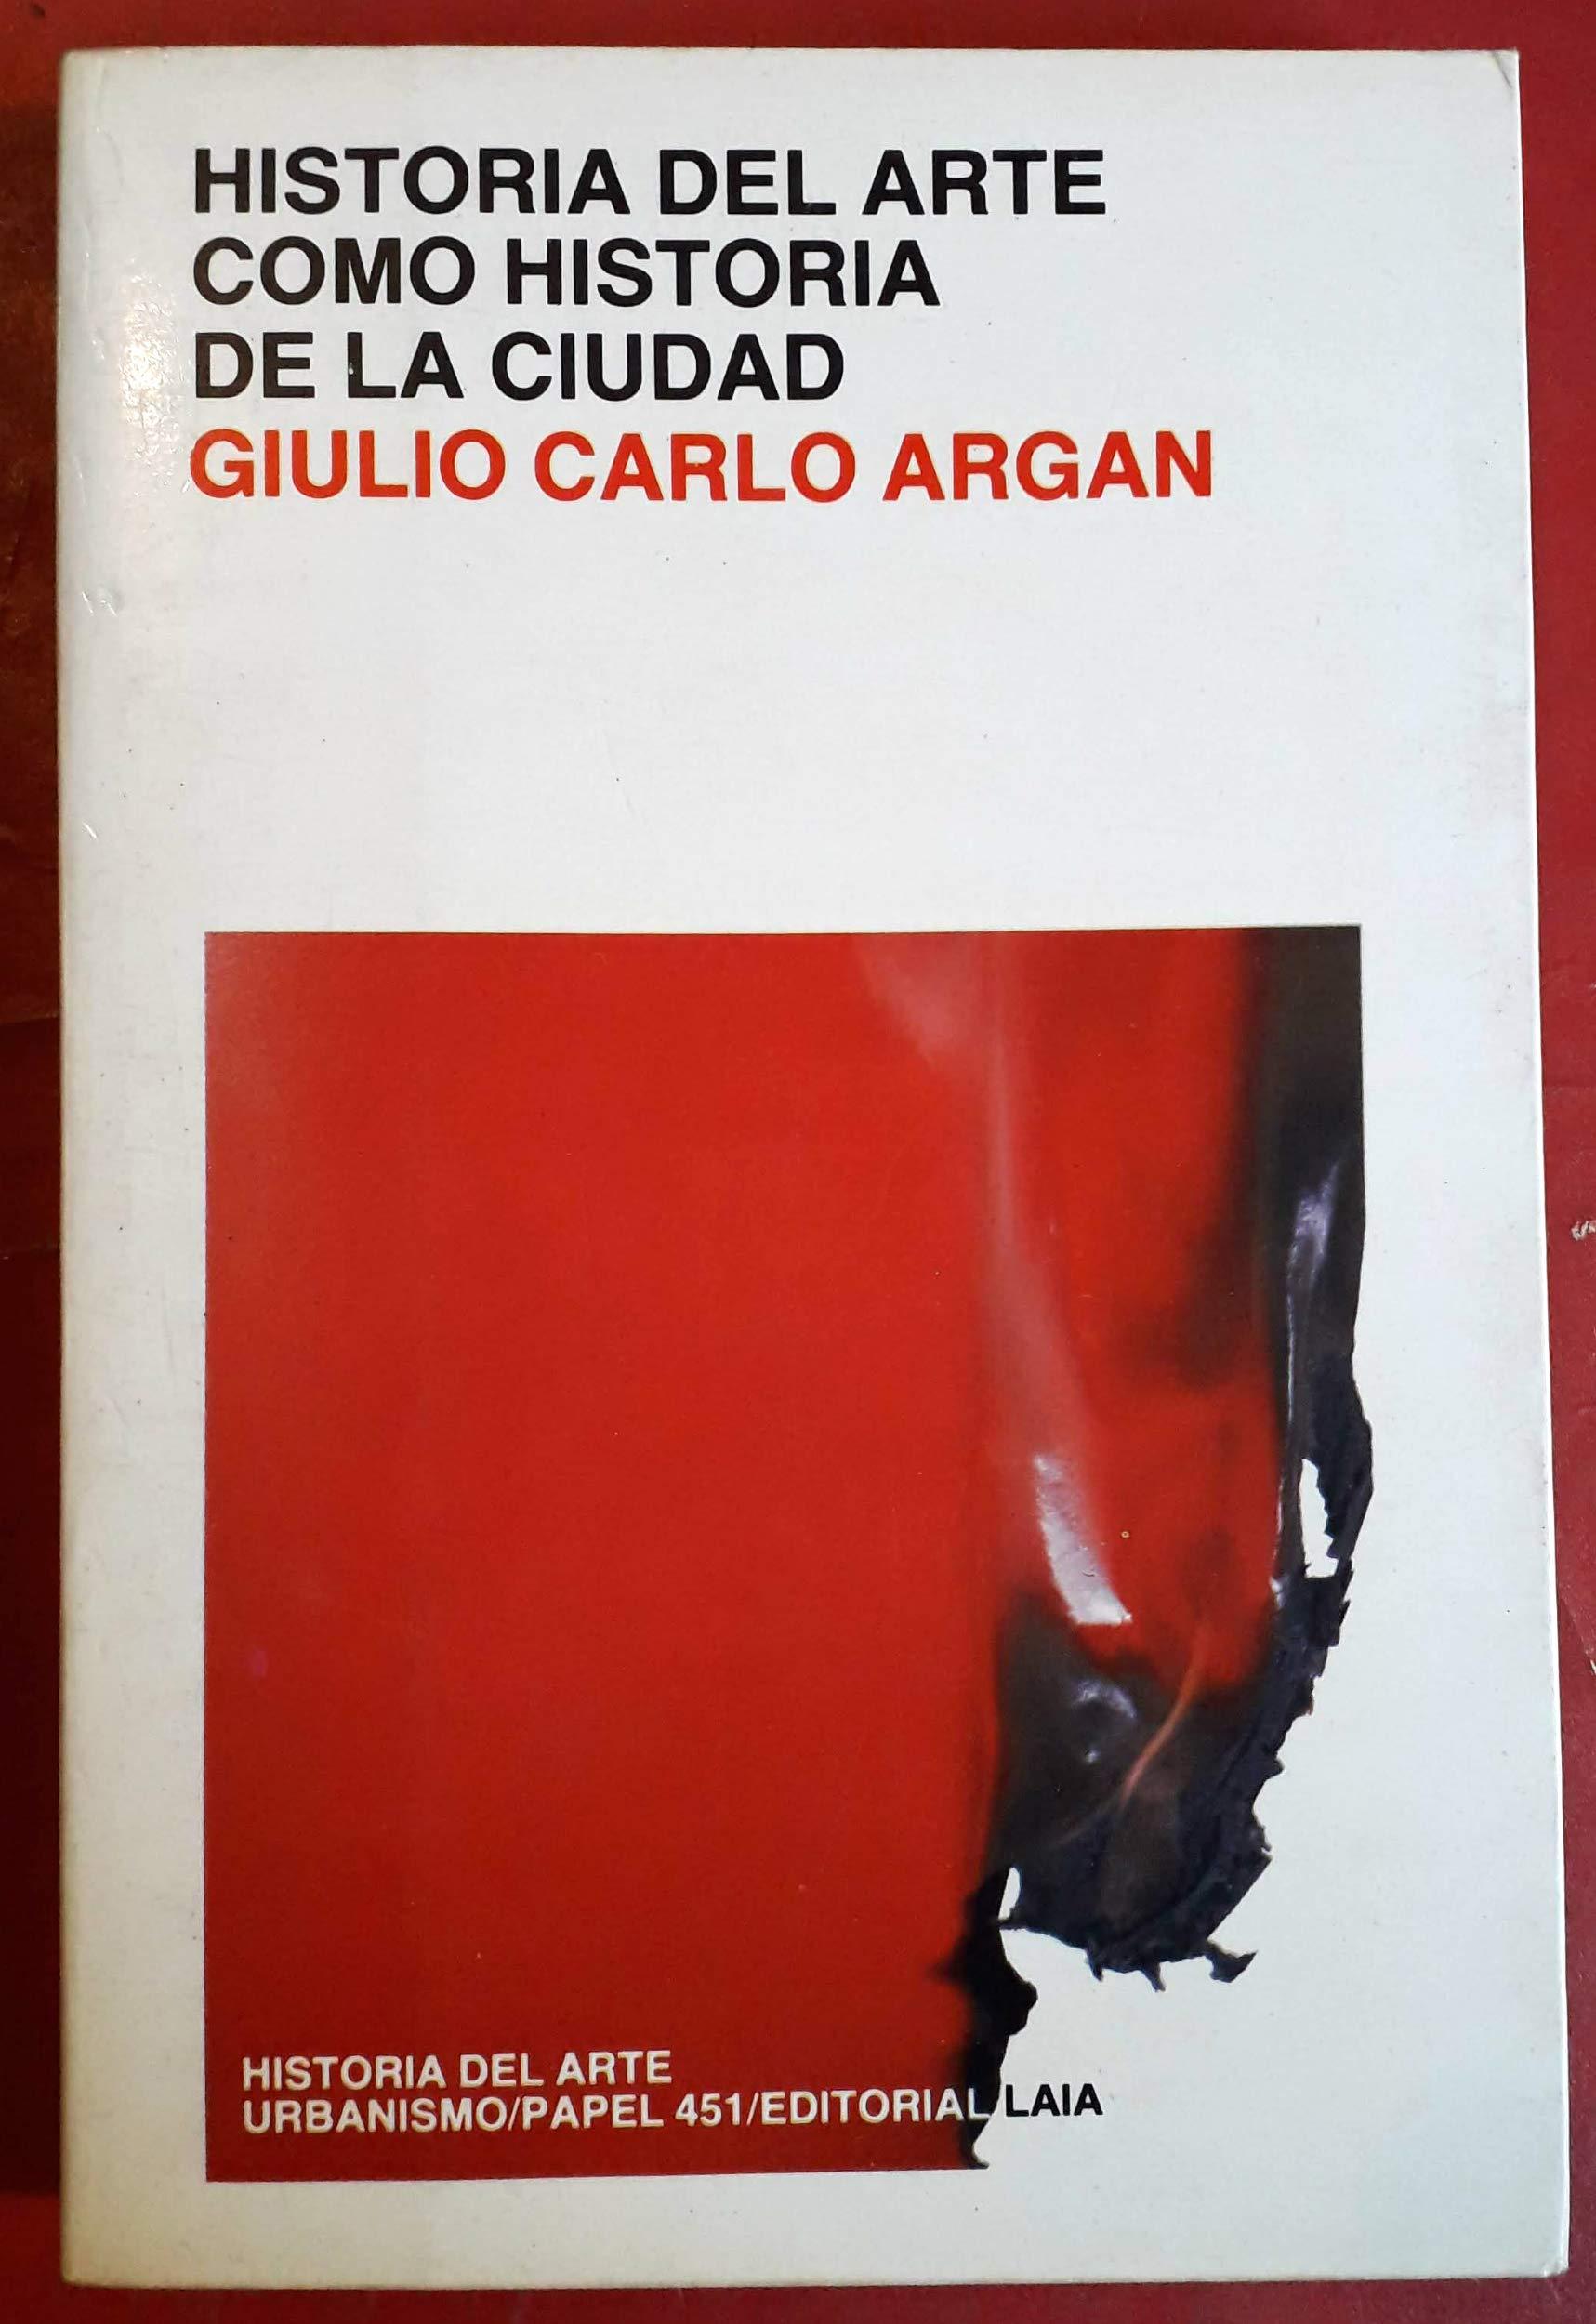 Historia del arte como historia de la ciudad de Carlo Giulio Argan